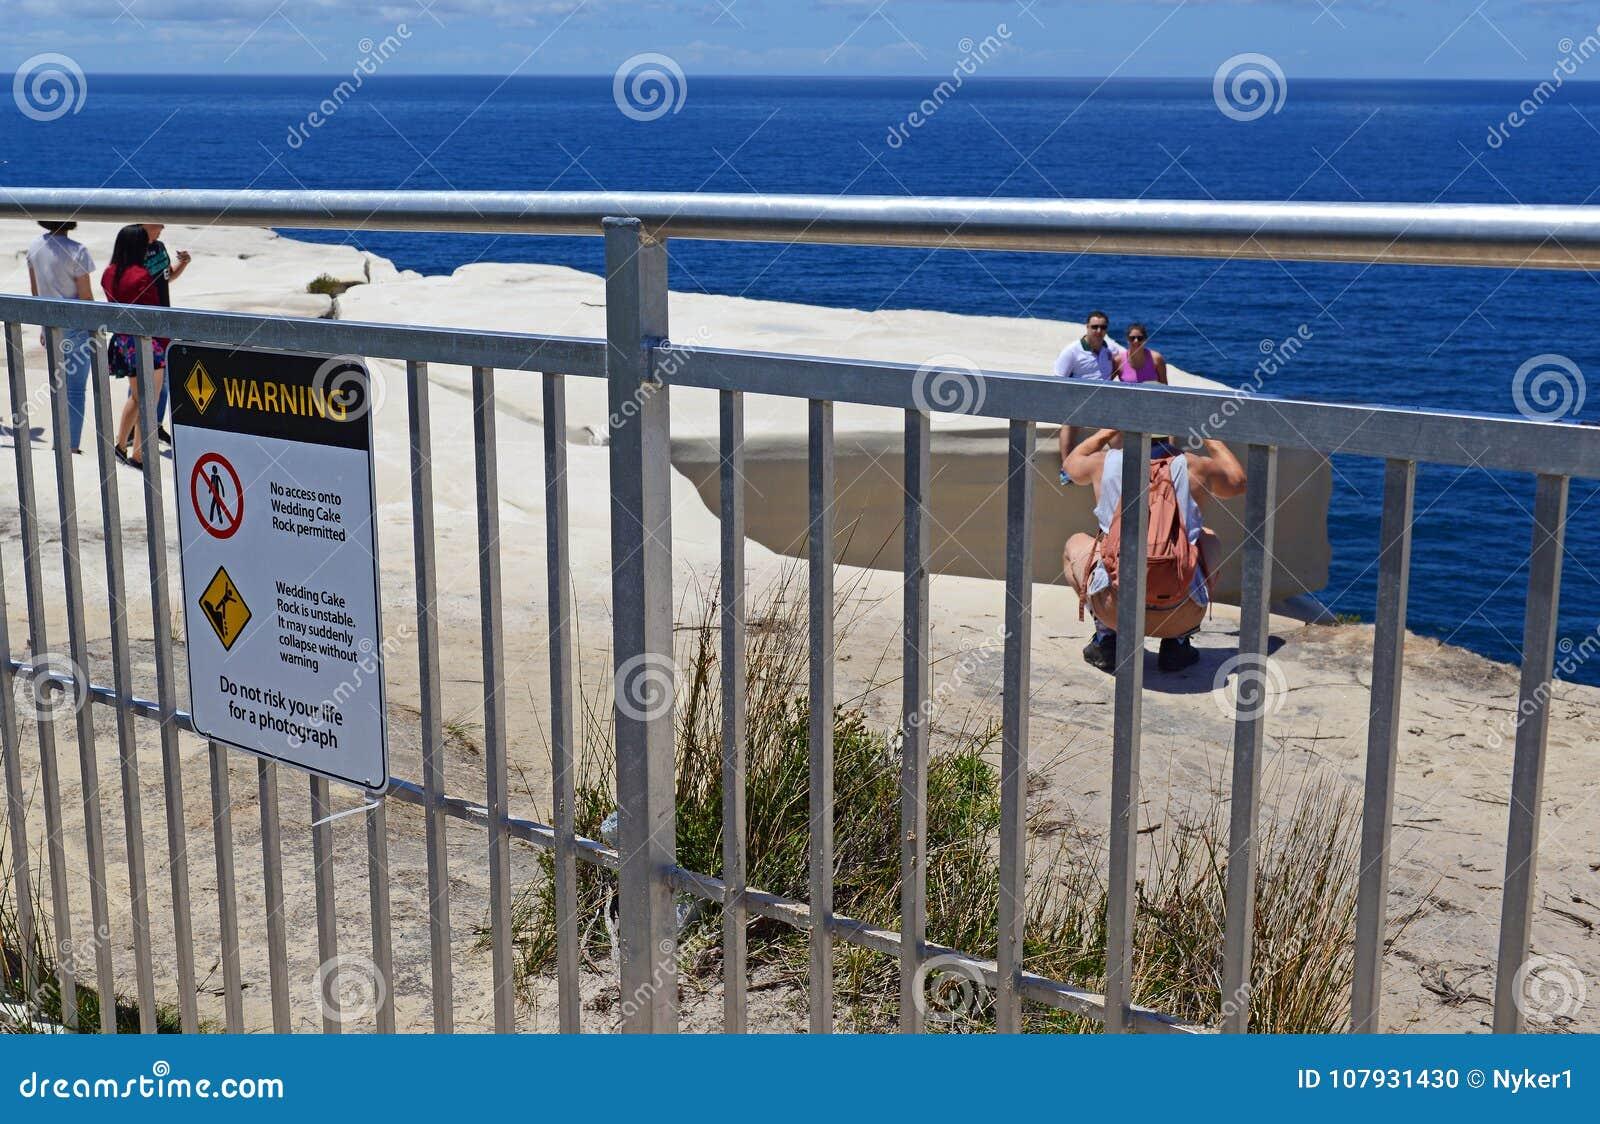 Turisti che si impegnano nel comportamento rischioso in parco nazionale reale, Sydney Australia